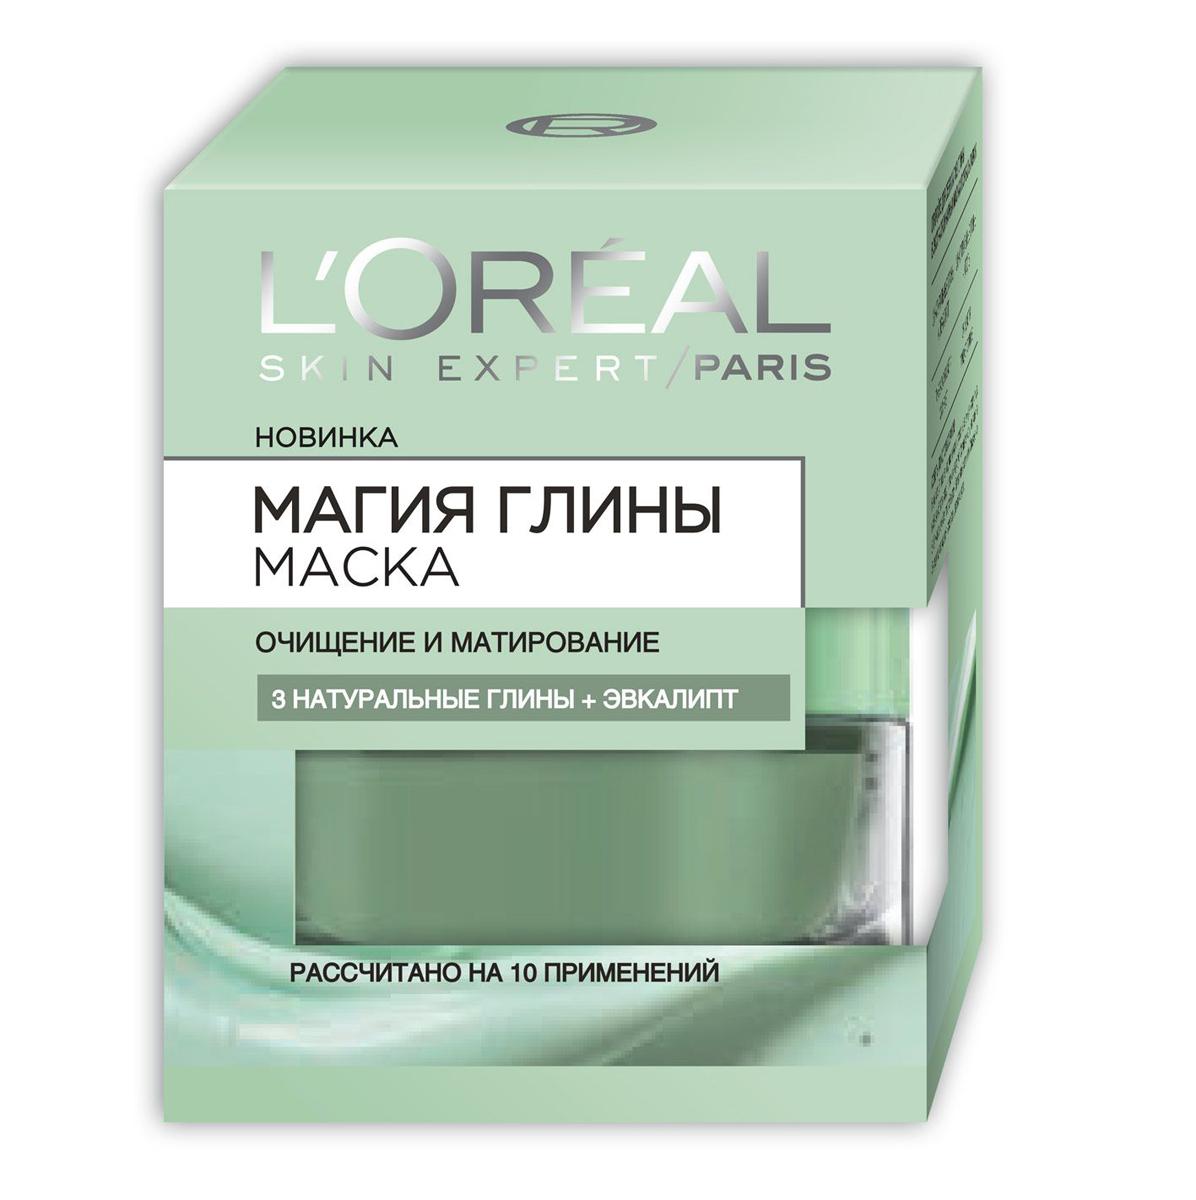 LOreal Paris Маска для лица Магия Глины очищение и матирование с эвкалиптом, для всех типов кожи, 50 млA8905100Лаборатории Л`Ореаль Париж соединили 3 натуральные очищающие глины и экстракт эвкалипта, известный своими антисептическими свойствами, чтобы создать маску, которая интенсивно очищает и сужает поры, матируя кожу. 1. Каолин - глина, насыщенная силикатами,эффективно поглощает загрязнения и борется с жирным блеском. 2. Гассул-глина, богатая микроэлементами, возвращает свежий и здоровый цвет лица. 3. Монтмориллонит - глина, в состав которой входят полезные минералы, целенаправлено борется с несовершенствами кожи.